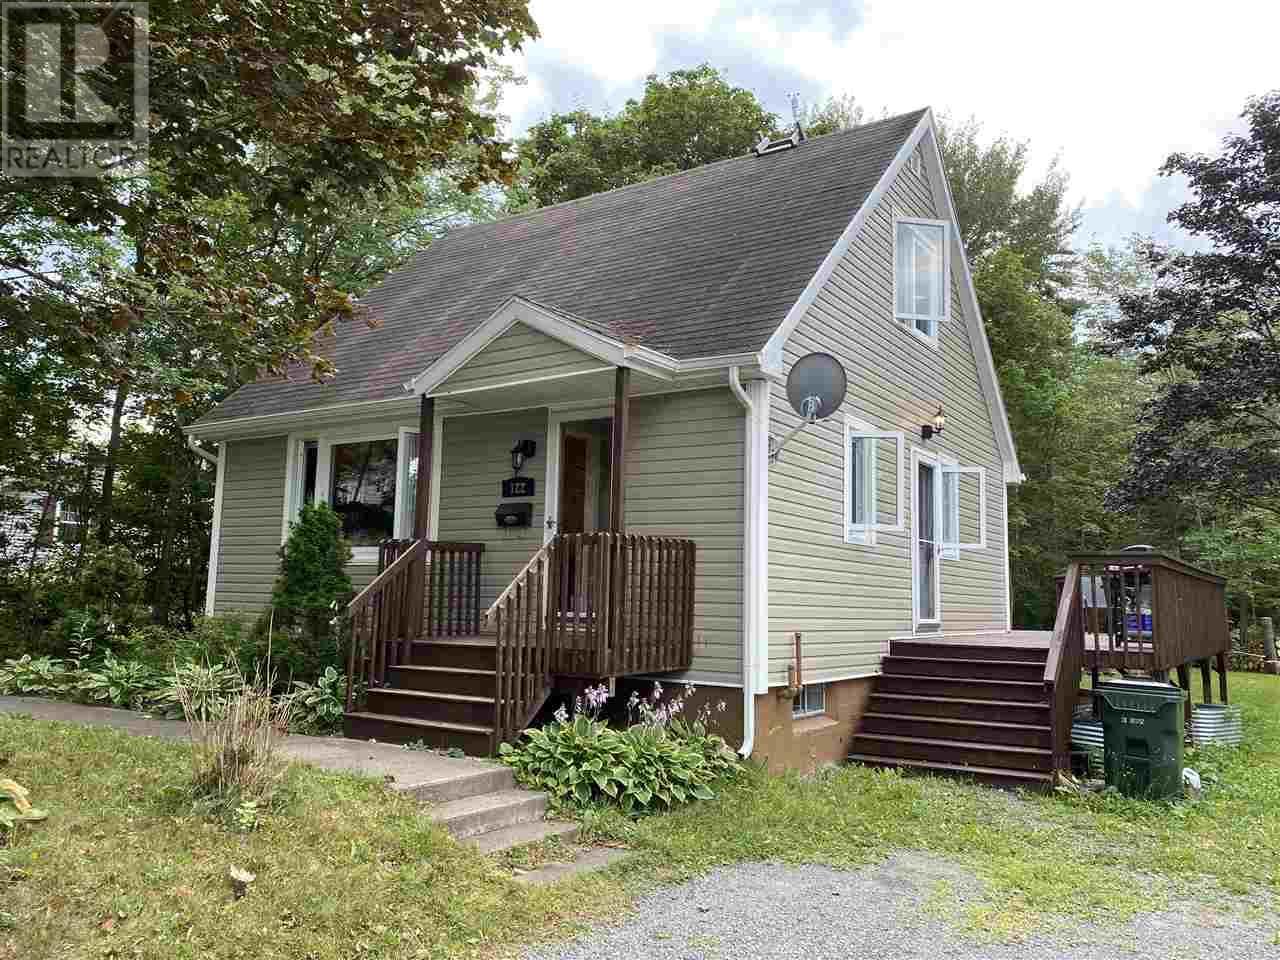 122 Fatima Drive, Cape Breton - $164,500 (202015940)   Zoocasa